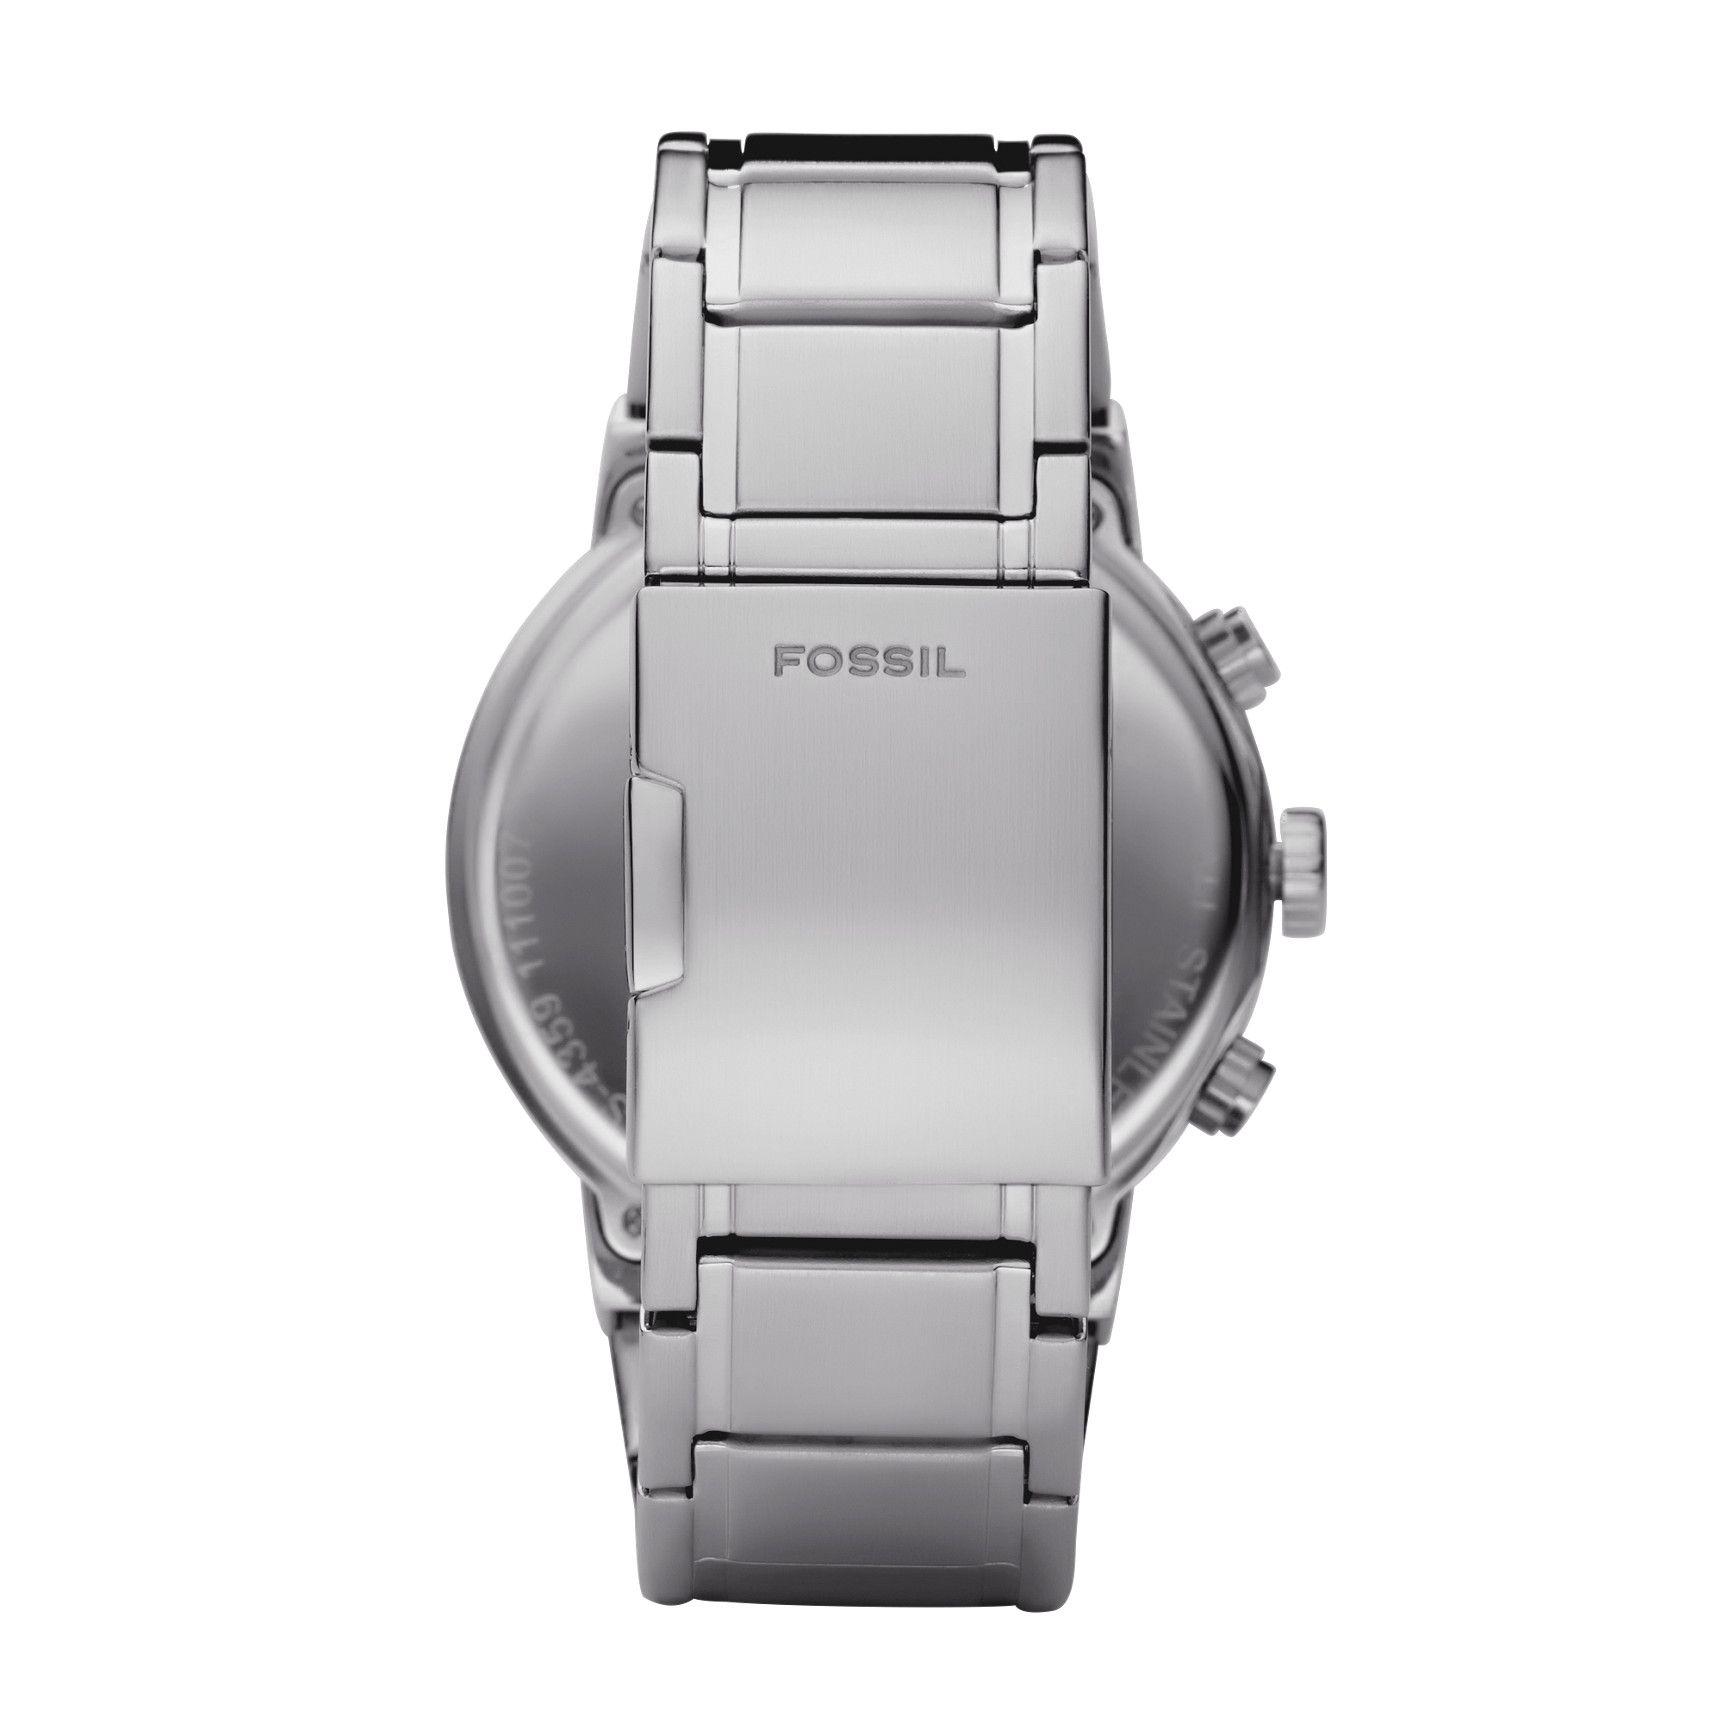 imagem do produto Relógio FossiIL Masculino Pulseira de Aço FFS4359/Z